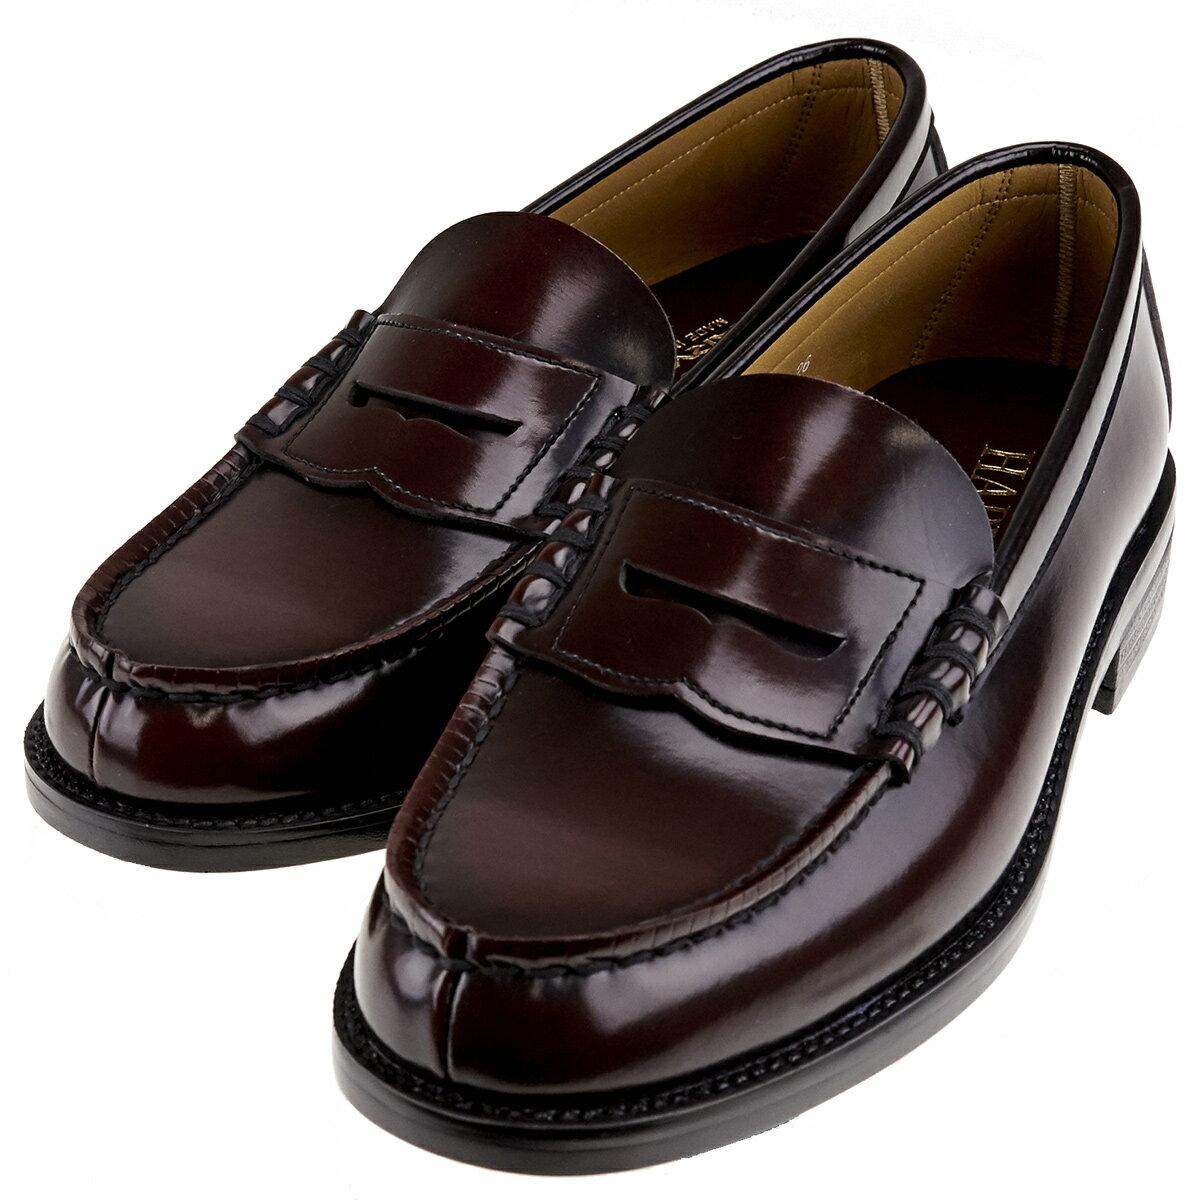 送料無料 沖縄離島除く HARUTA ハルタ 6550 メンズ ローファー 幅広3E 学生靴 学生 通学 日本製 ハルタ6550 L ジャマイカ